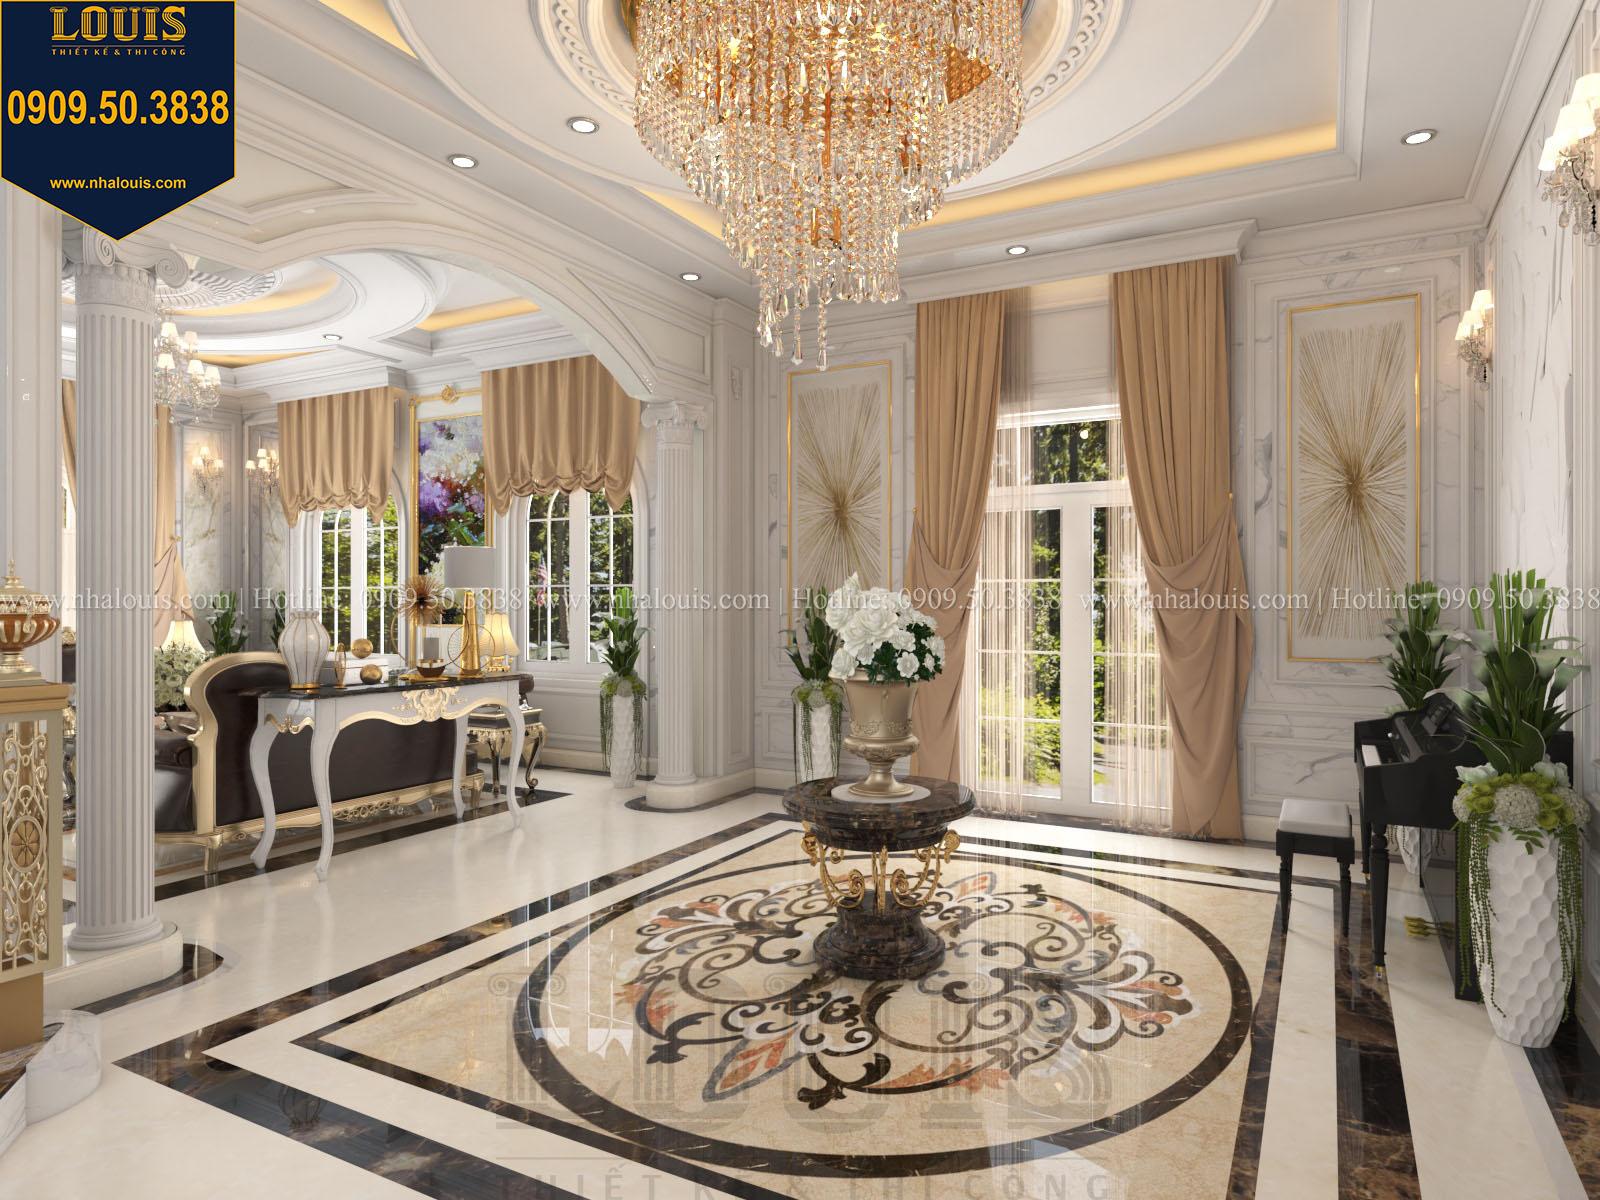 Sảnh biệt thự 2 tầng đẹp - 011